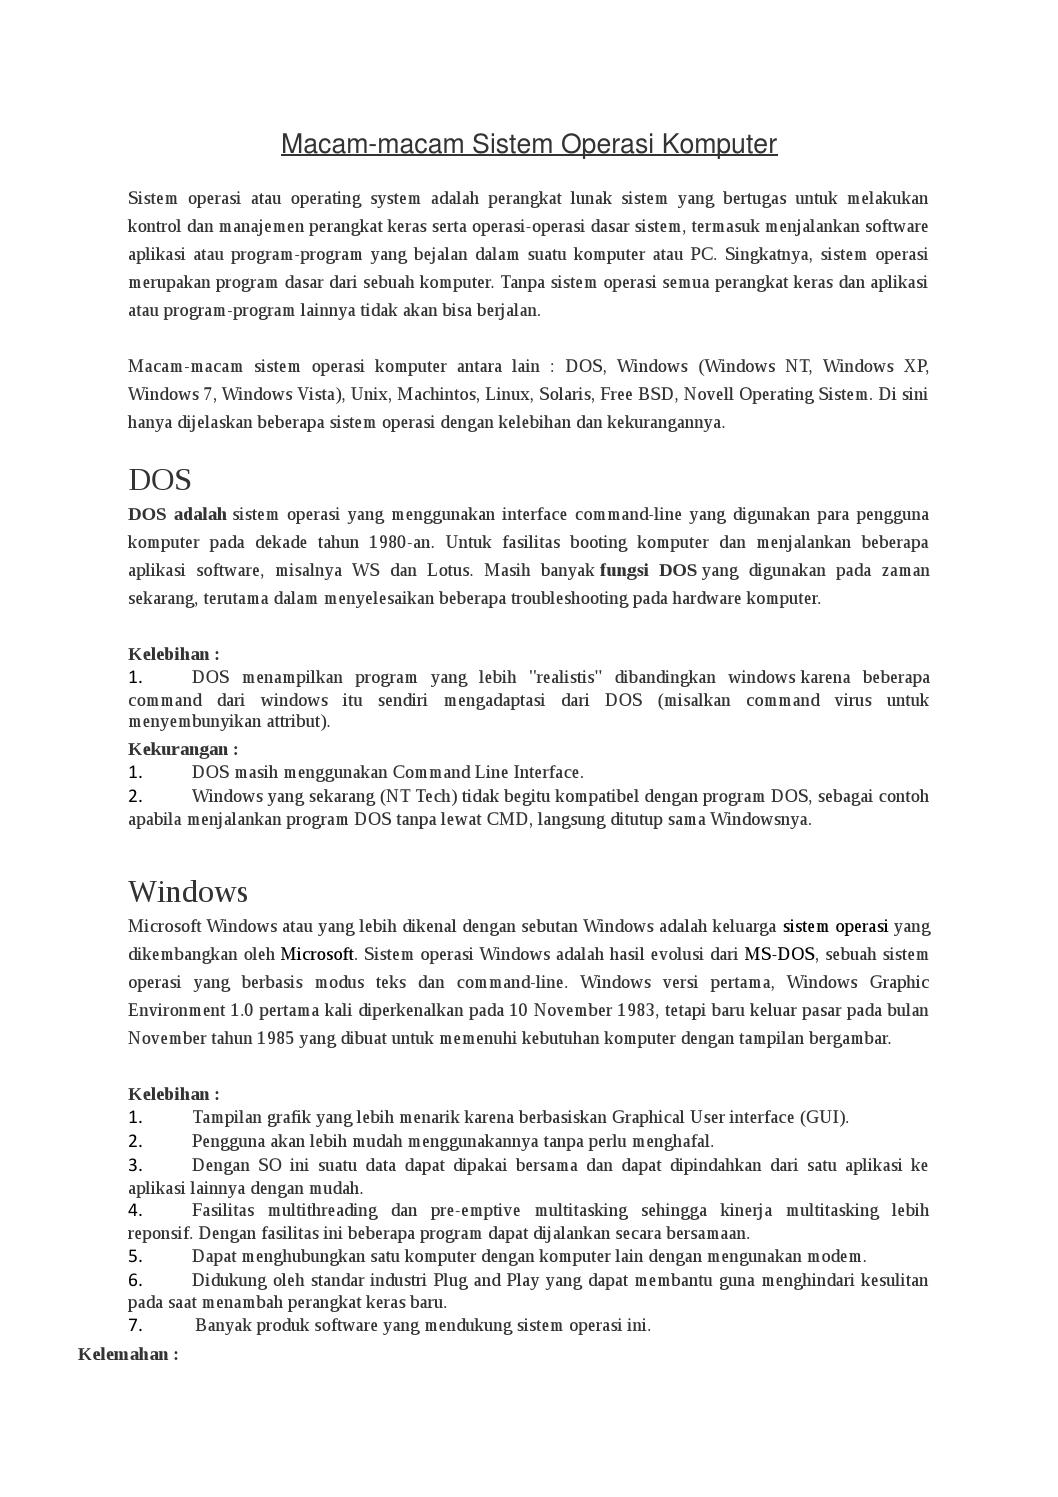 6 Kelebihan Windows 10 Dari Windows Sebelumnya | Good Choice